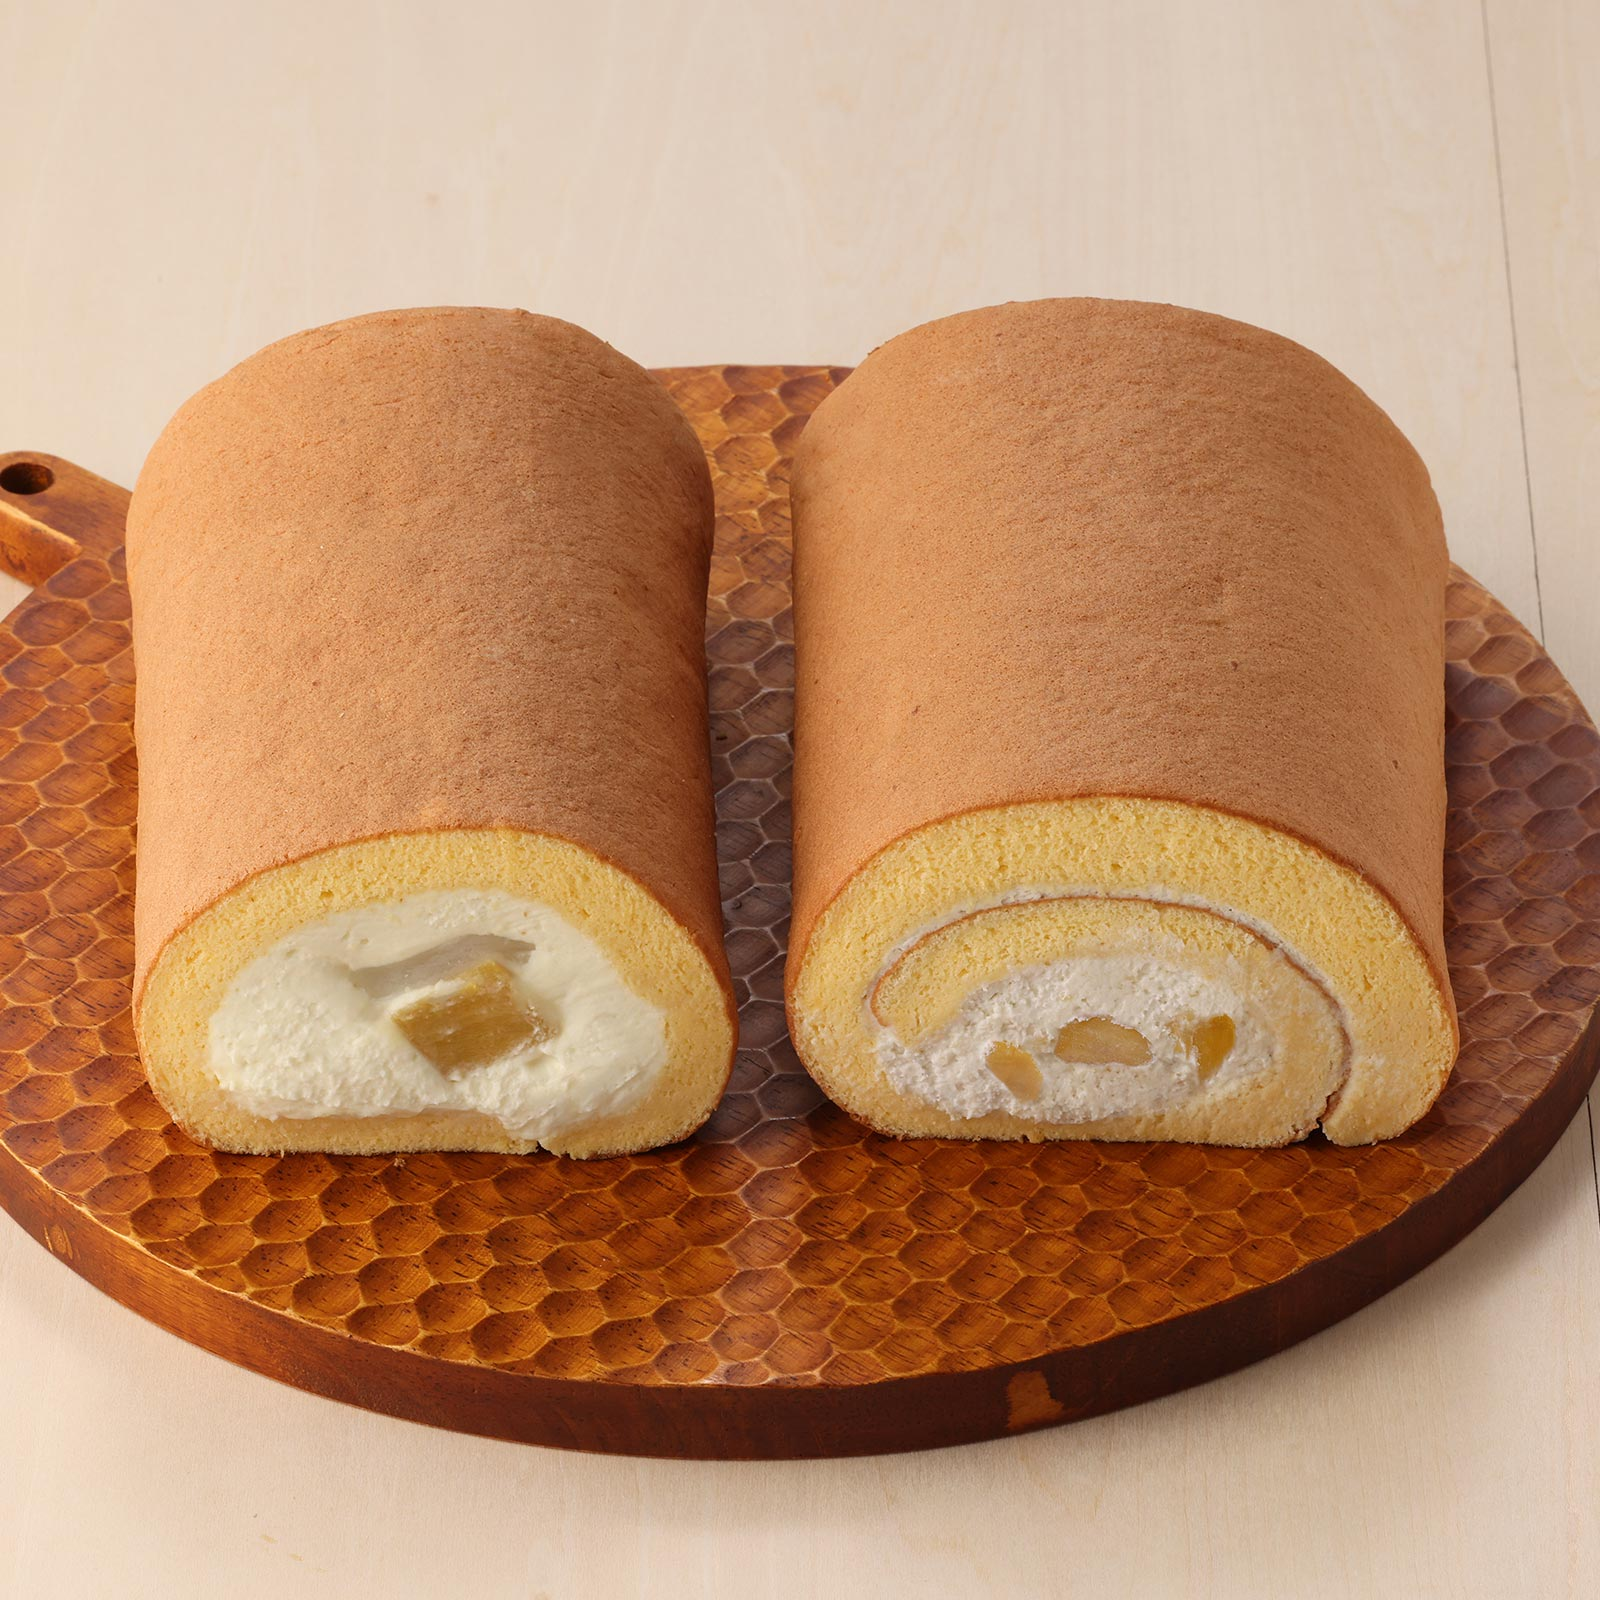 国産栗の甘露煮が入った和栗ロールケーキと安納芋の芋ようかんや求肥を巻き込んだお芋のロールケーキの2本セット